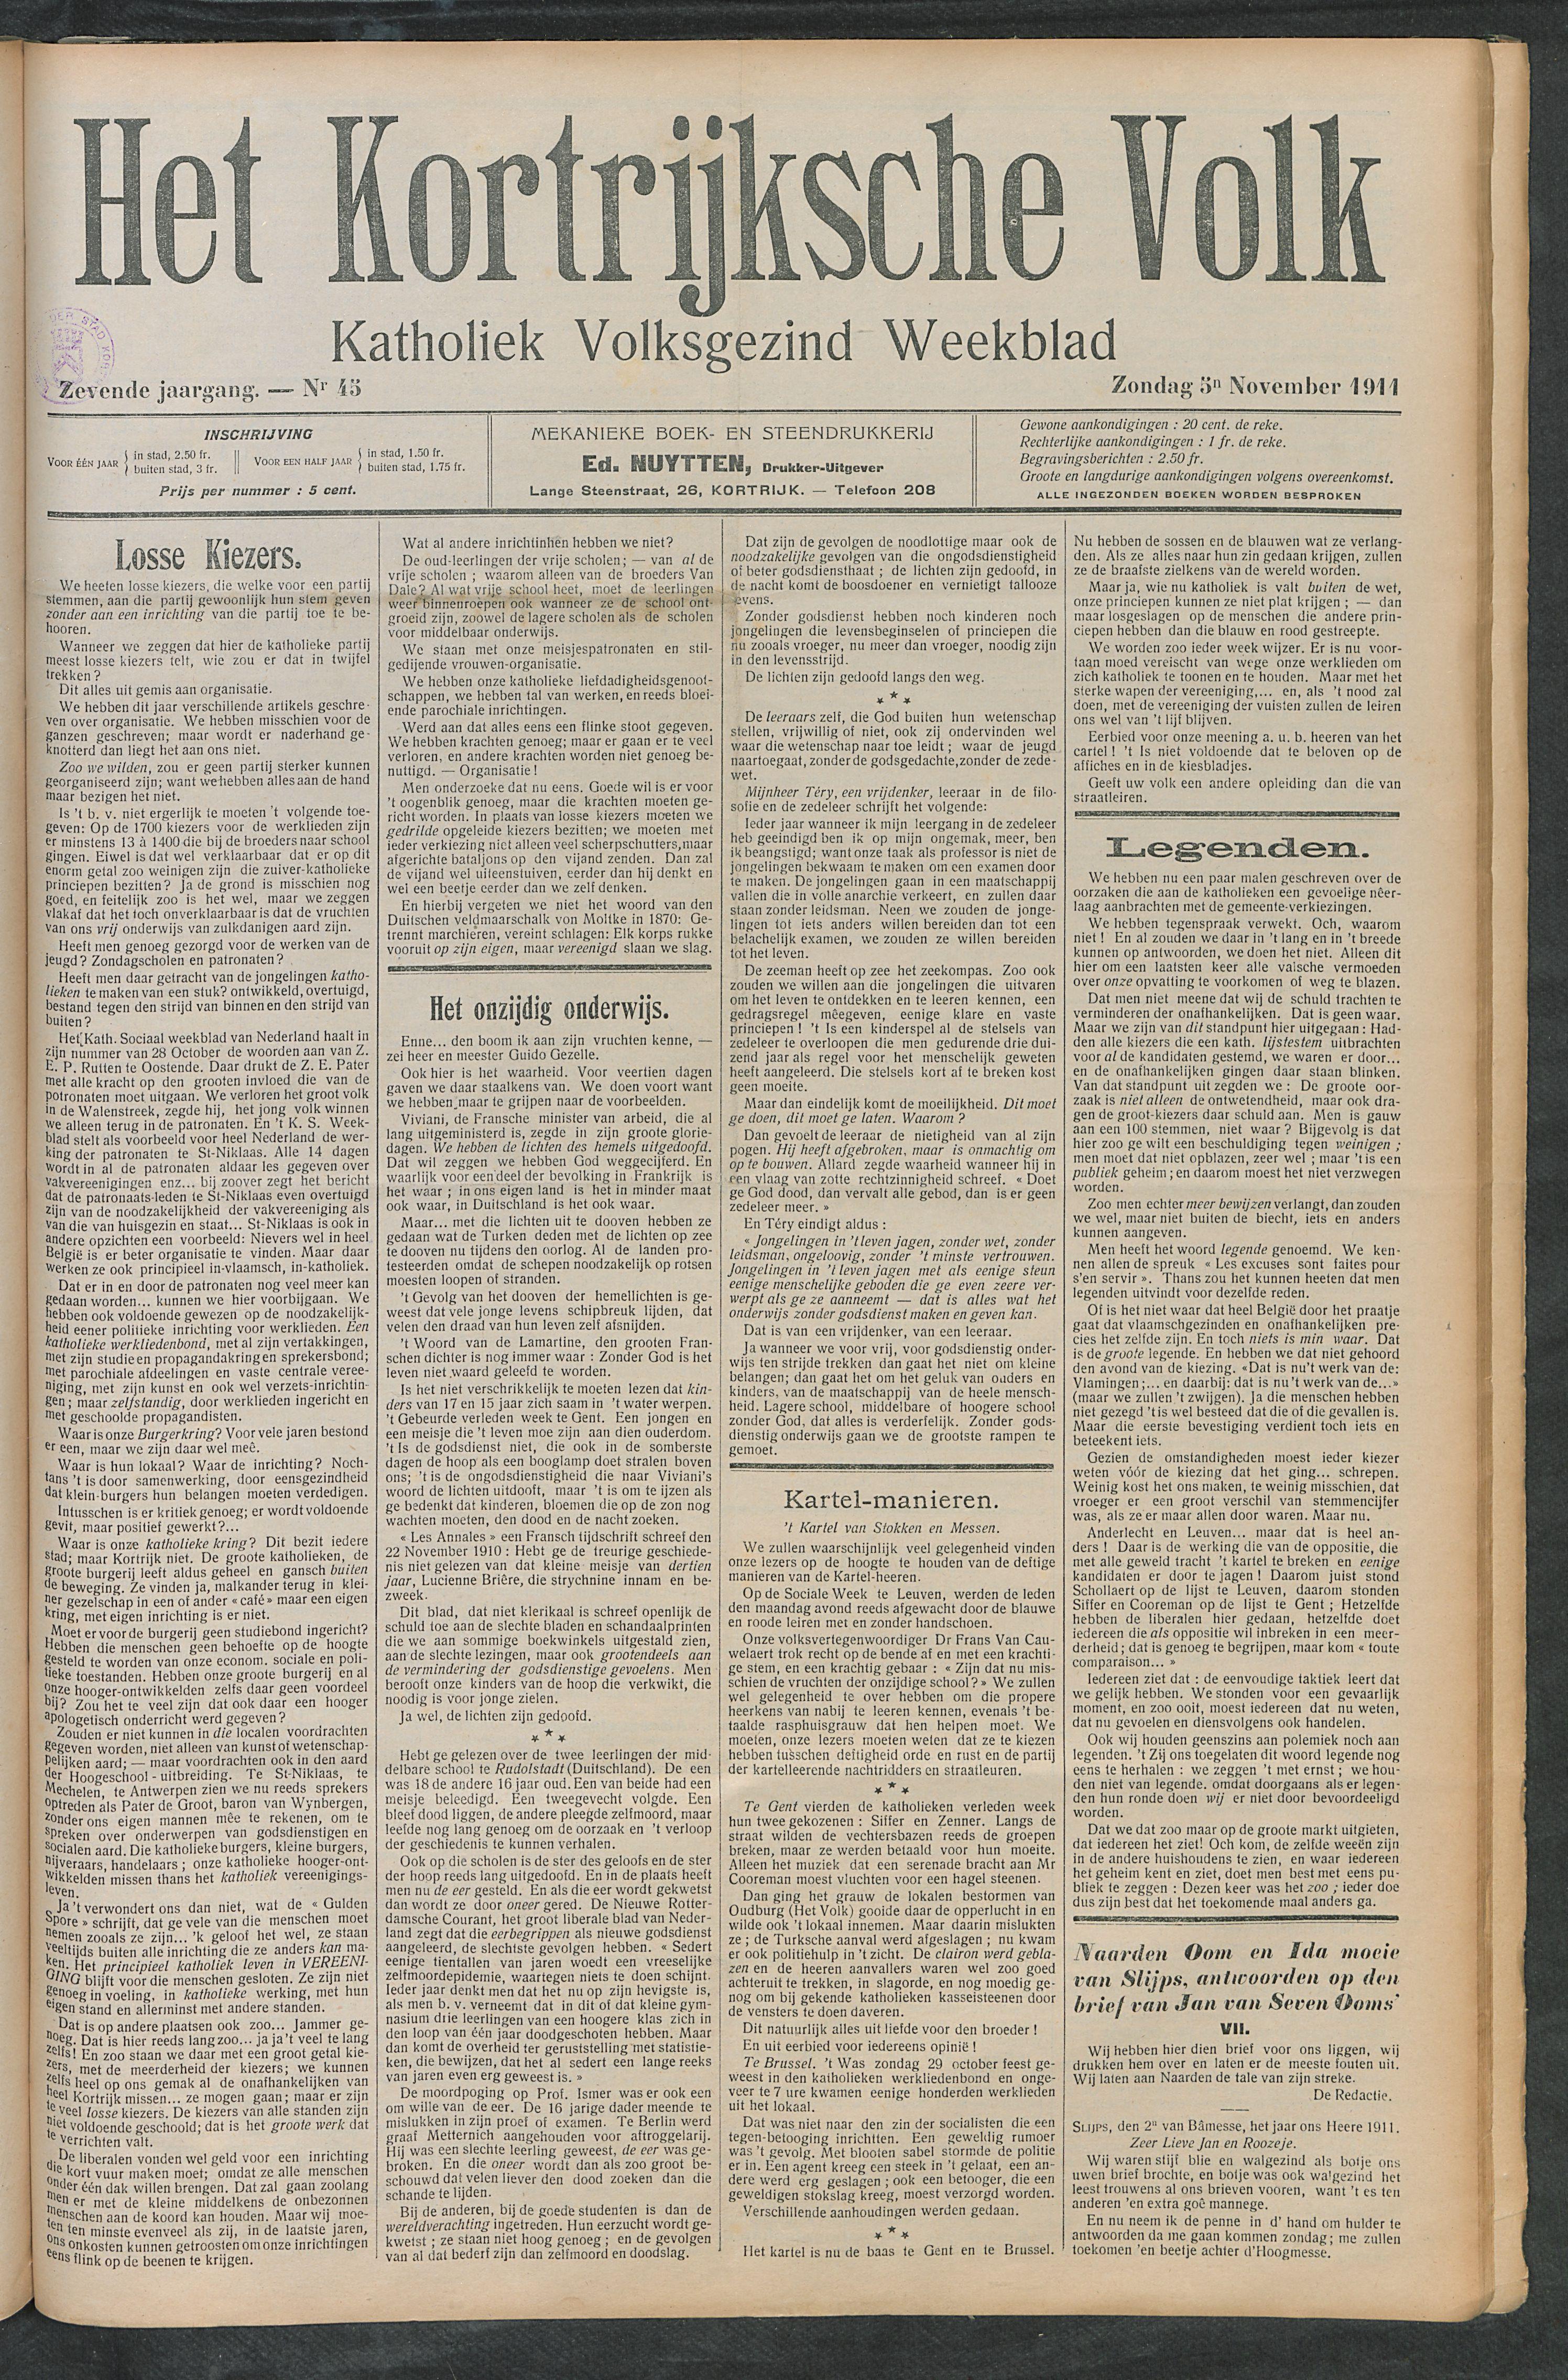 Het Kortrijksche Volk 1911-11-05 p1